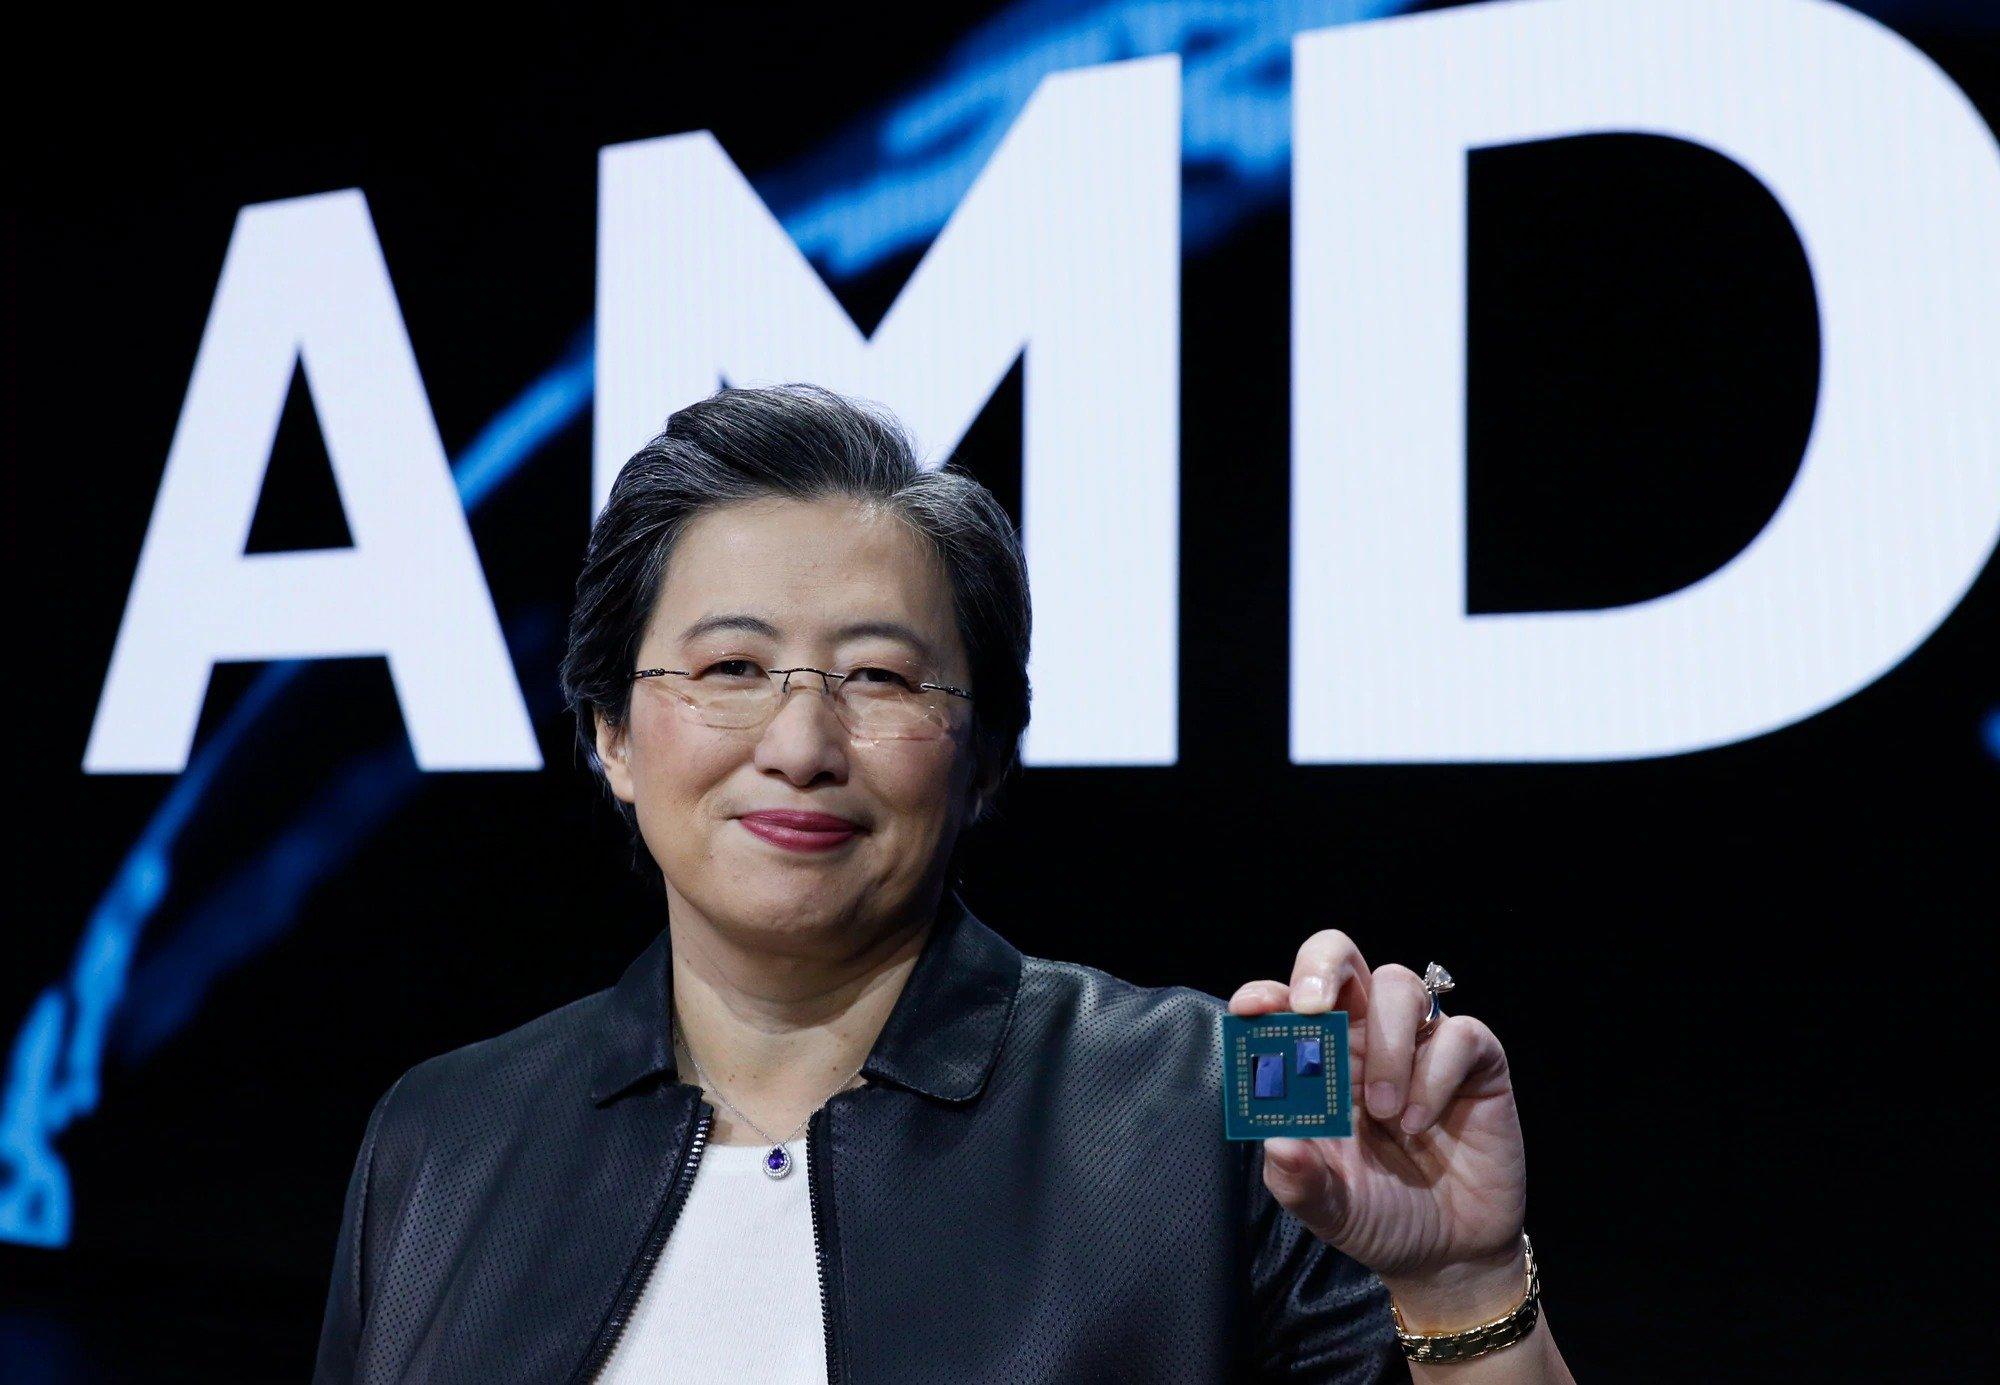 مدیرعامل AMD: بحران کمبود تراشه احتمالا سال آینده به پایان میرسد